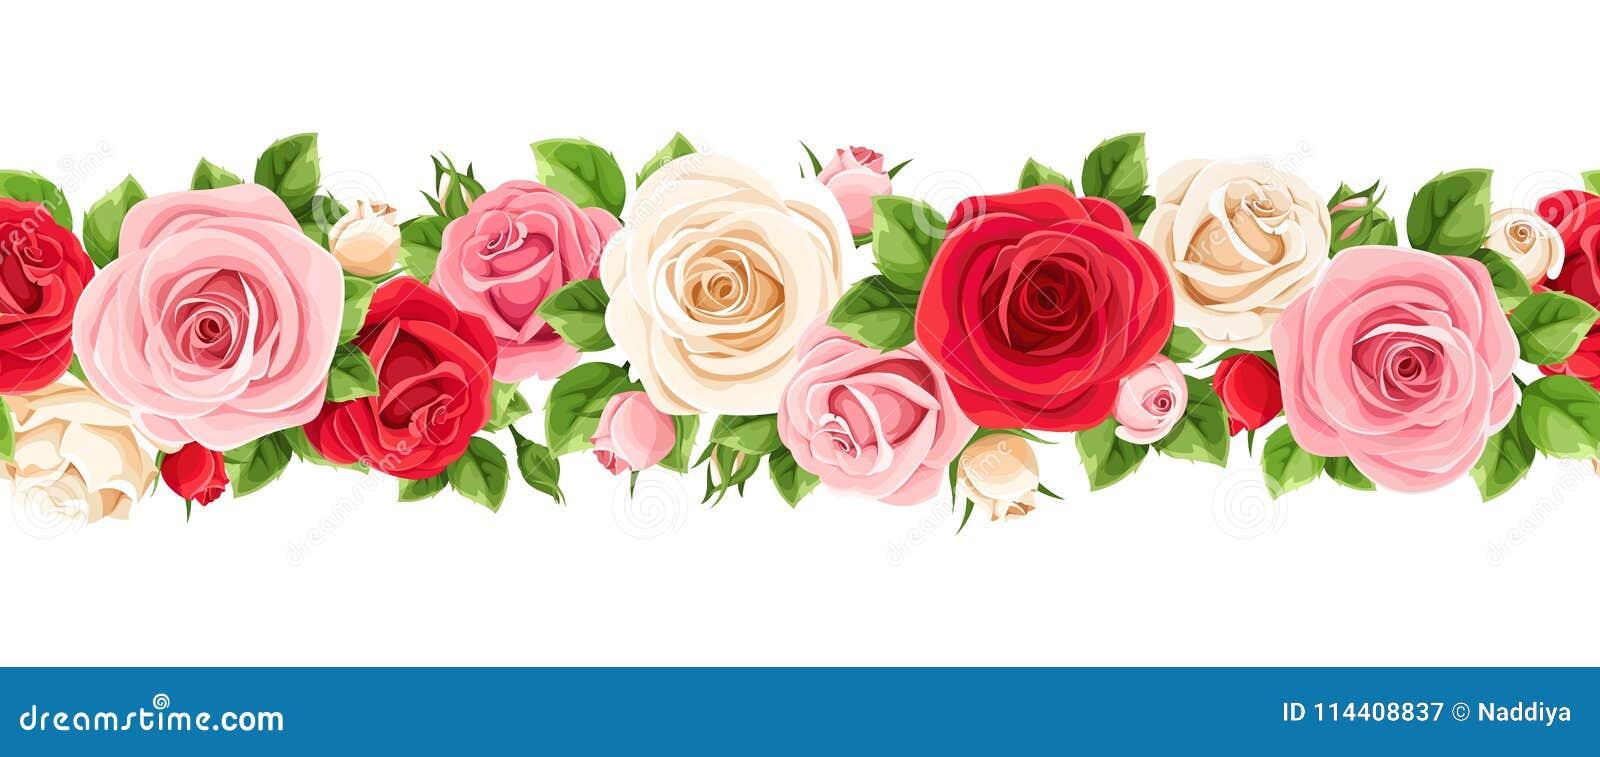 Οριζόντια άνευ ραφής γιρλάντα με τα κόκκινα, ρόδινα και άσπρα τριαντάφυλλα επίσης corel σύρετε το διάνυσμα απεικόνισης